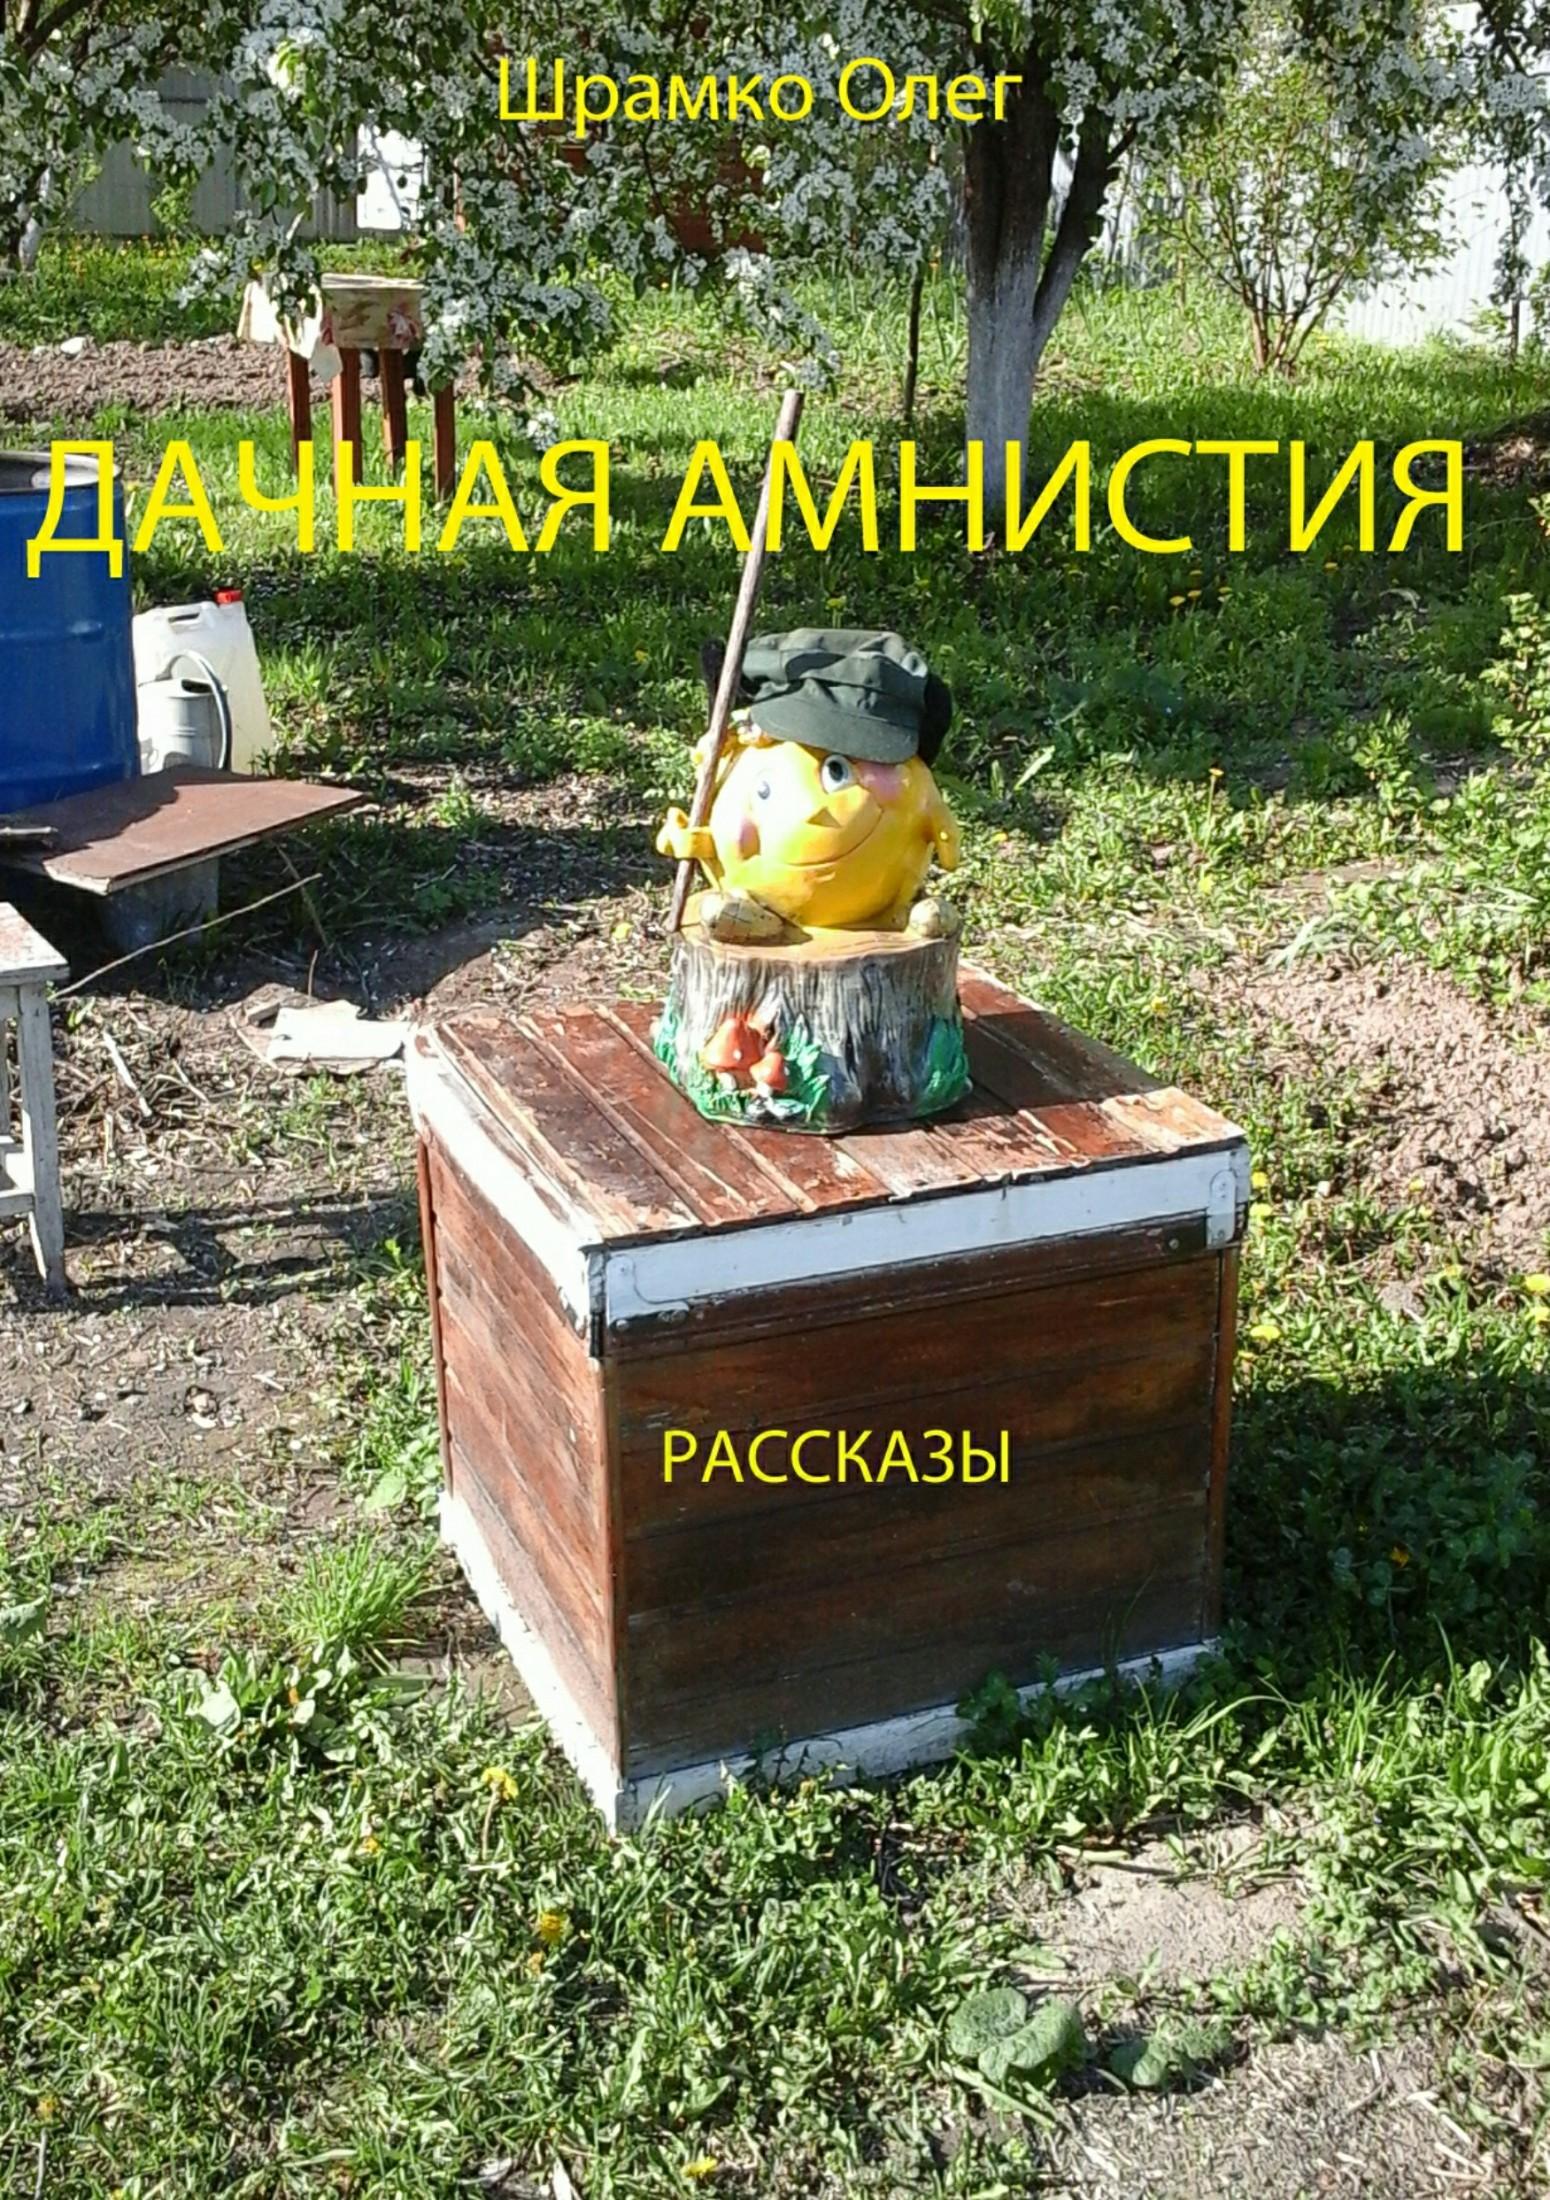 Олег Григорьевич Шрамко Дачная амнистия. Рассказы куплю дачу или земельный участок в севастополе до 16 000 у е